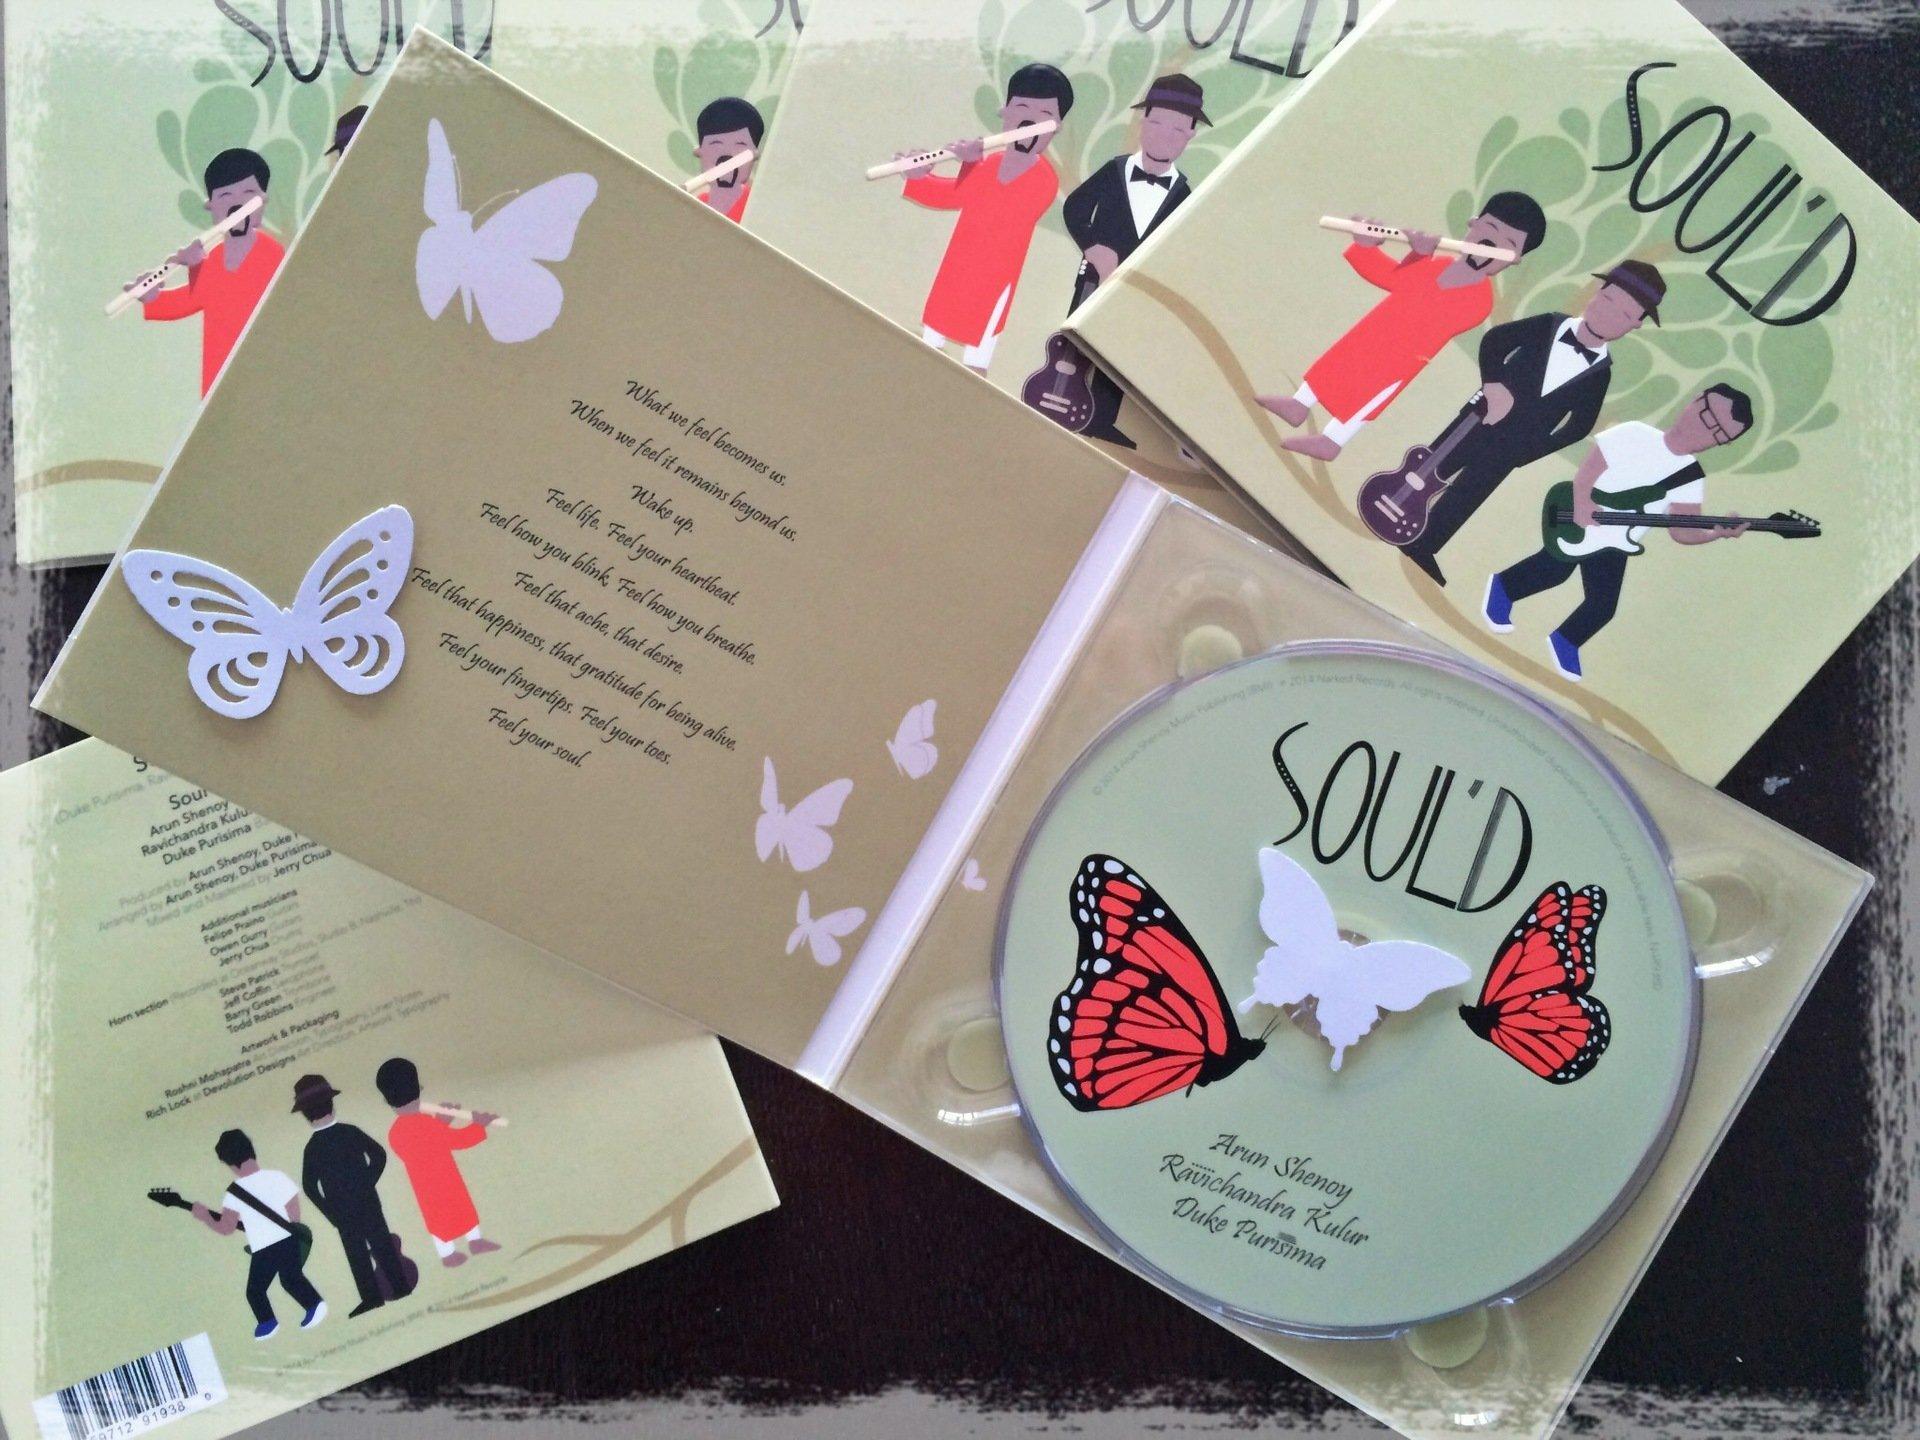 Soul'd CD